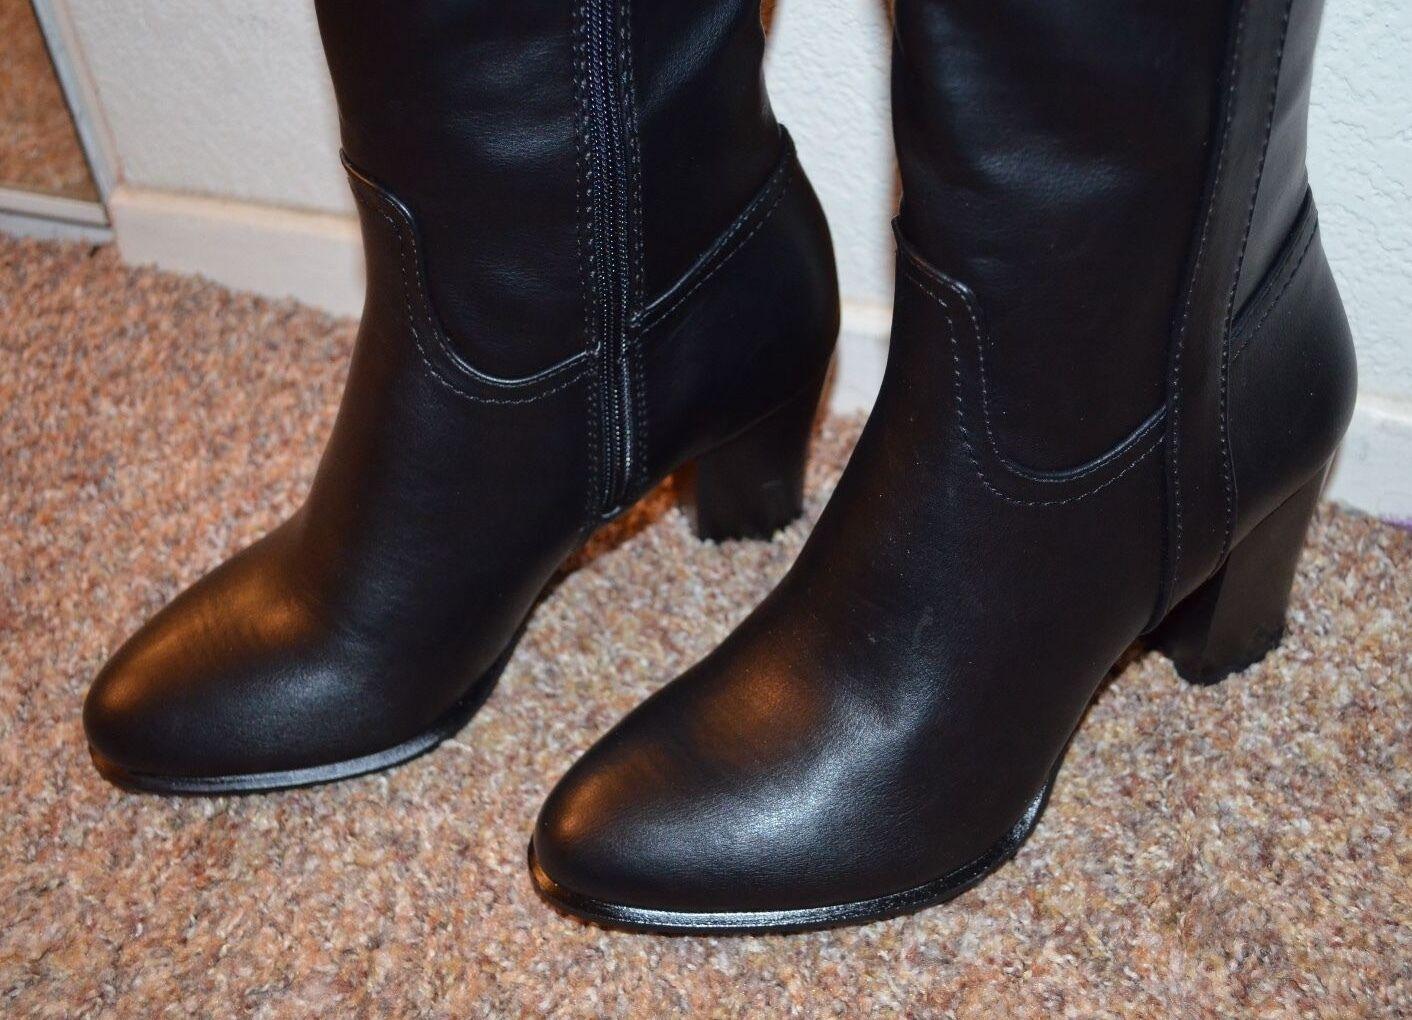 037be2aeab7 ... NEW ALFANI ALFANI ALFANI Damens BLACK Knee High Stiefel   Größe 7 m   3